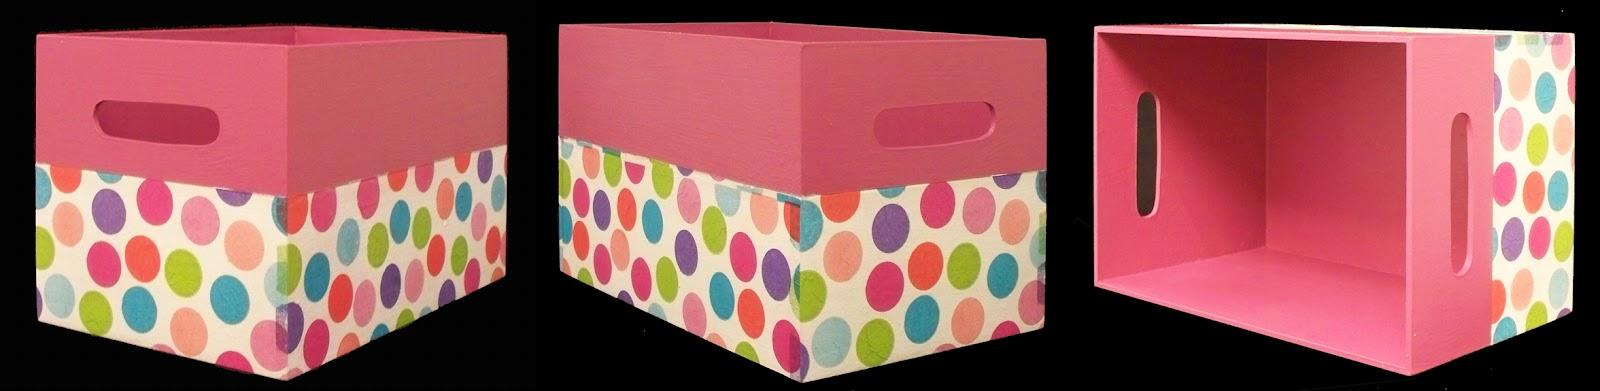 Circulo encantado deco hogar for Decoracion de cajas